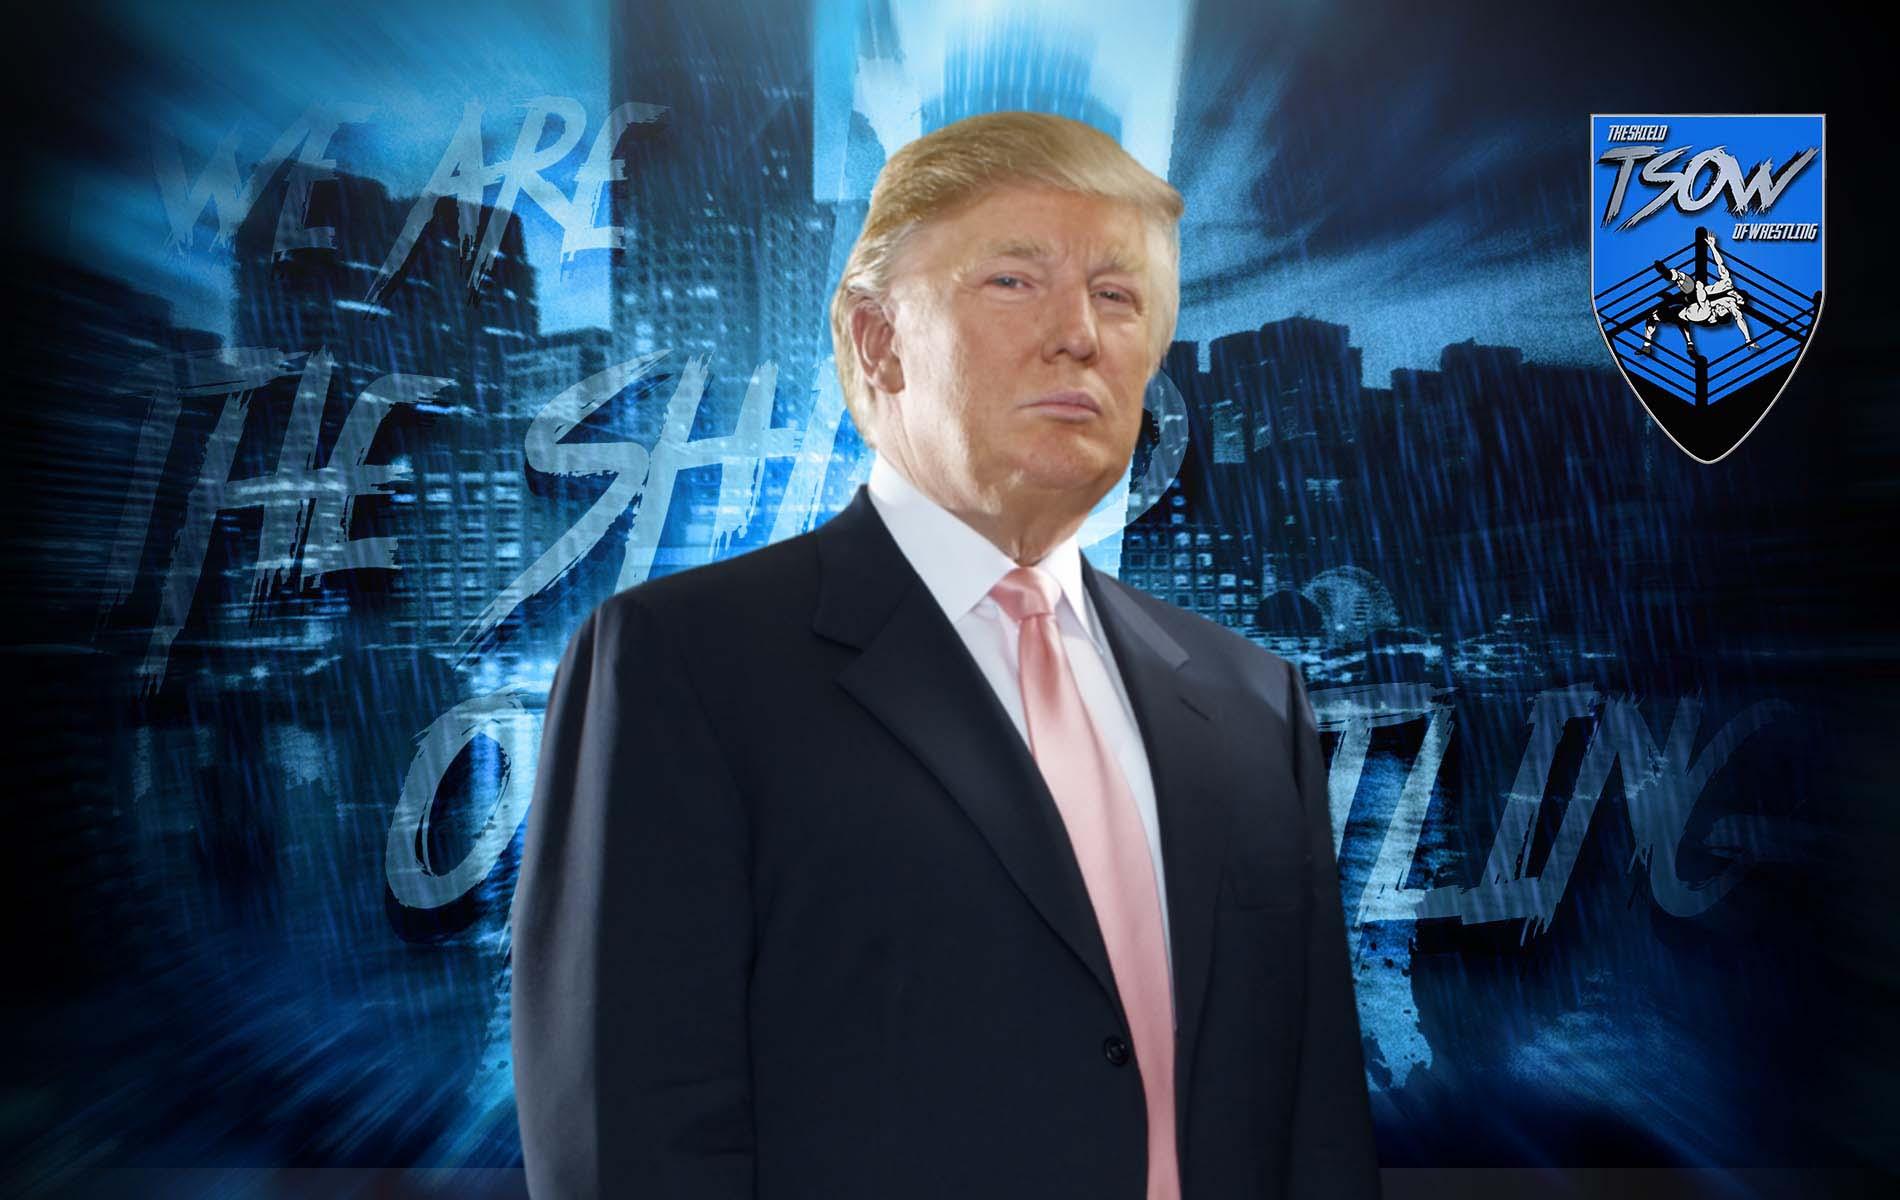 Donald Trump: ecco quanto Linda McMahon ha donato alla sua campagna